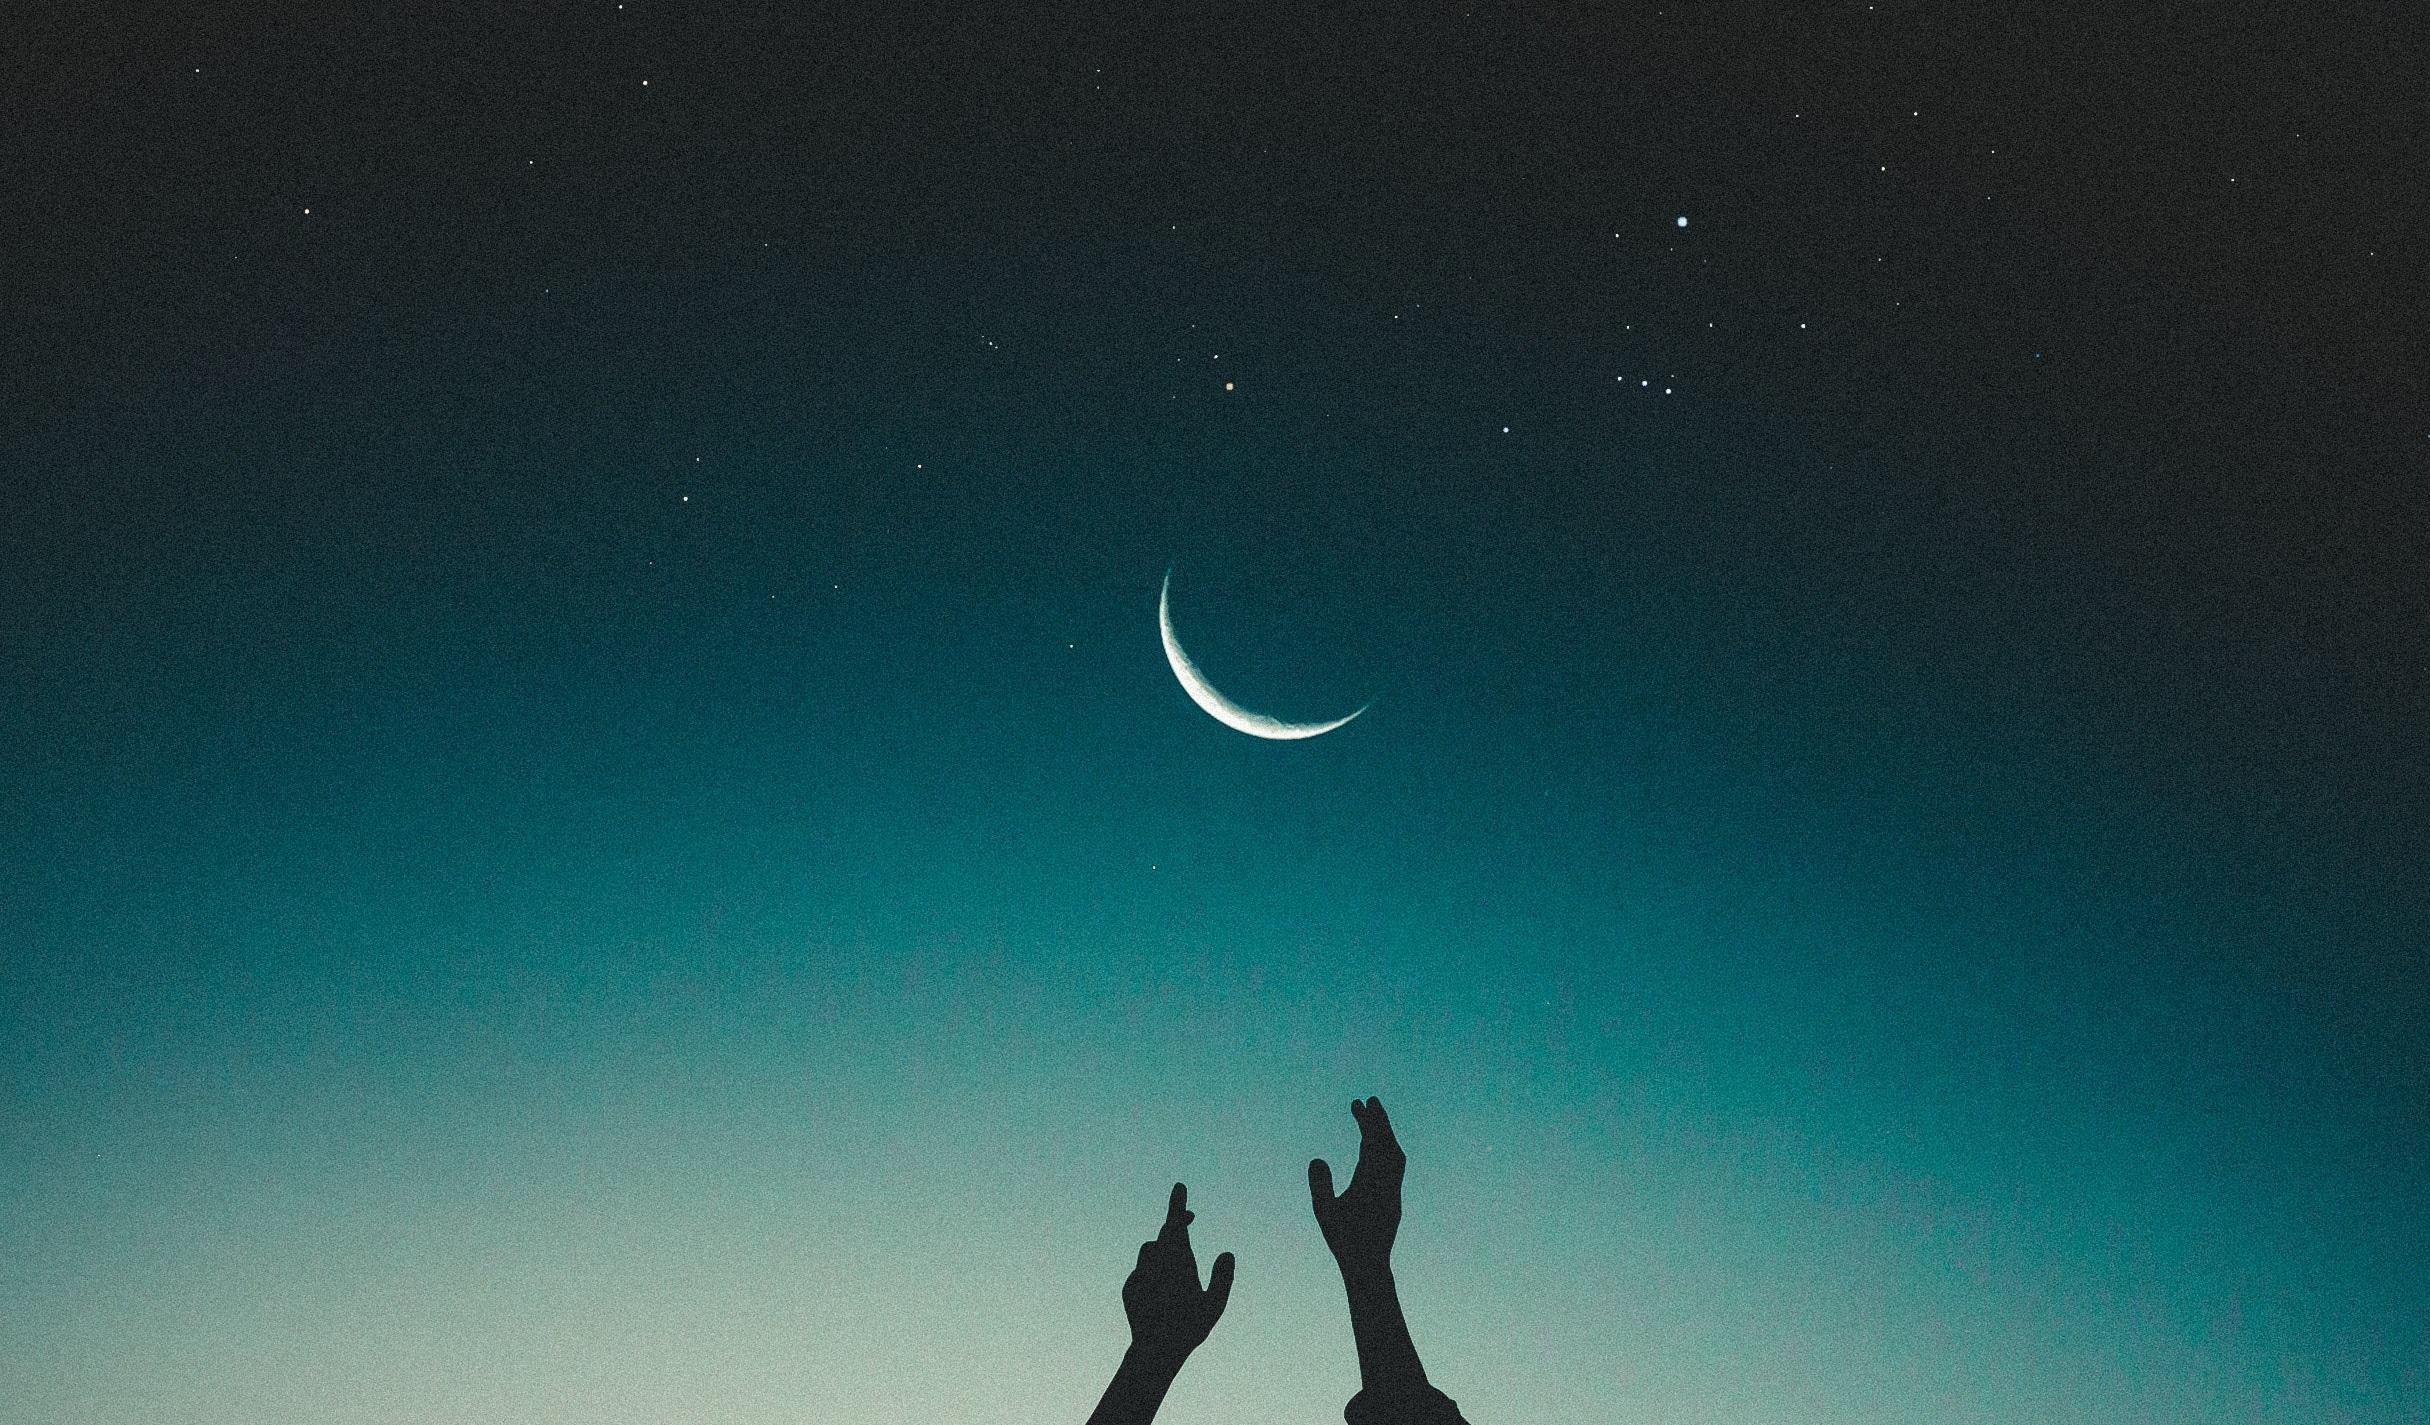 Lunar Arts Prana Vinyasa™ - Soma, der lunaren Kraft, der diese Praktiken gewidmet sind, steht in Verbindung mit unserem inneren Wasser, den Körperflüssigkeiten als auch der regenerierenden Kraft, die im Ayurveda Ojas genannt wird. Ojas steht für unsere Vitalität und Lebensfrische. In Entspannung und Regeneration bildet sich laut yogischer Philosophie ein heilsamer Nektar namens Amrita, ein heilendes Elixir, durch das unsere Ojas-Reserven in unserem Körper wieder aufgefüllt werden können. Dieser Nektar nährt unser System, agiert als Gegenpol zum aktiven, oft schnellen Tempo unseres Alltags und wirkt auch ausgleichend zu dynamischen Yoga Sequenzen. Durch das kultivieren der meditativen Aspekte im Lunar Arts Vinyasa, landen wir in unserem entspannten, wissenden Sein.